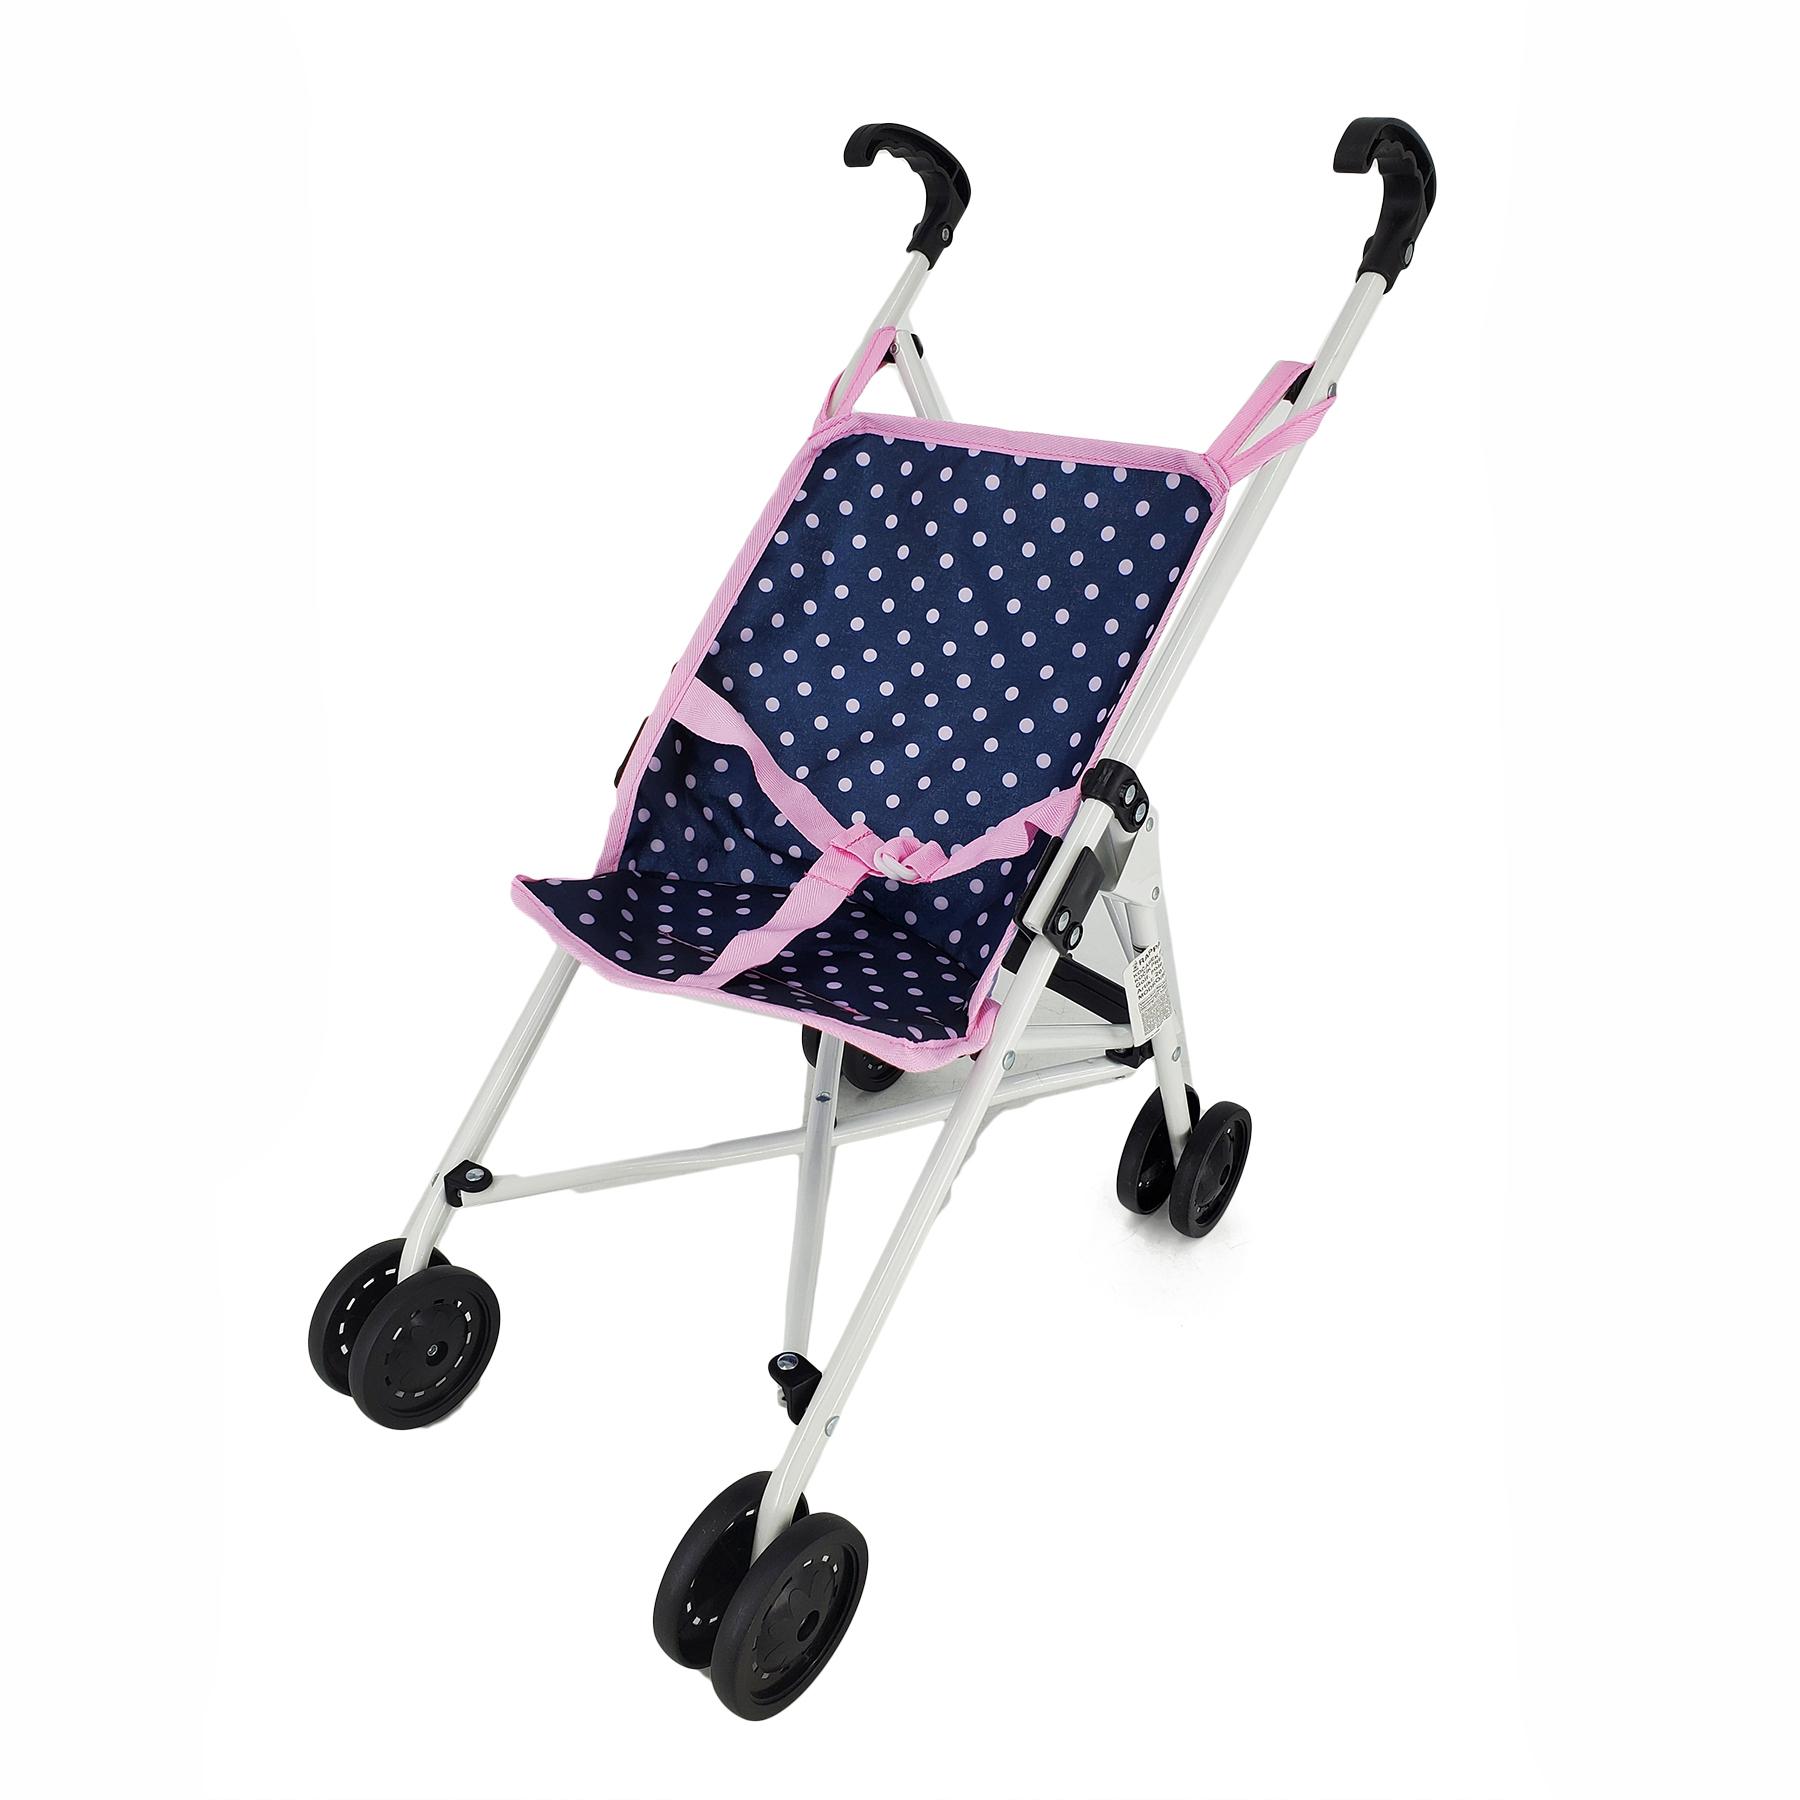 Golfový kočárek pro panenky modro/růžový s puntíky